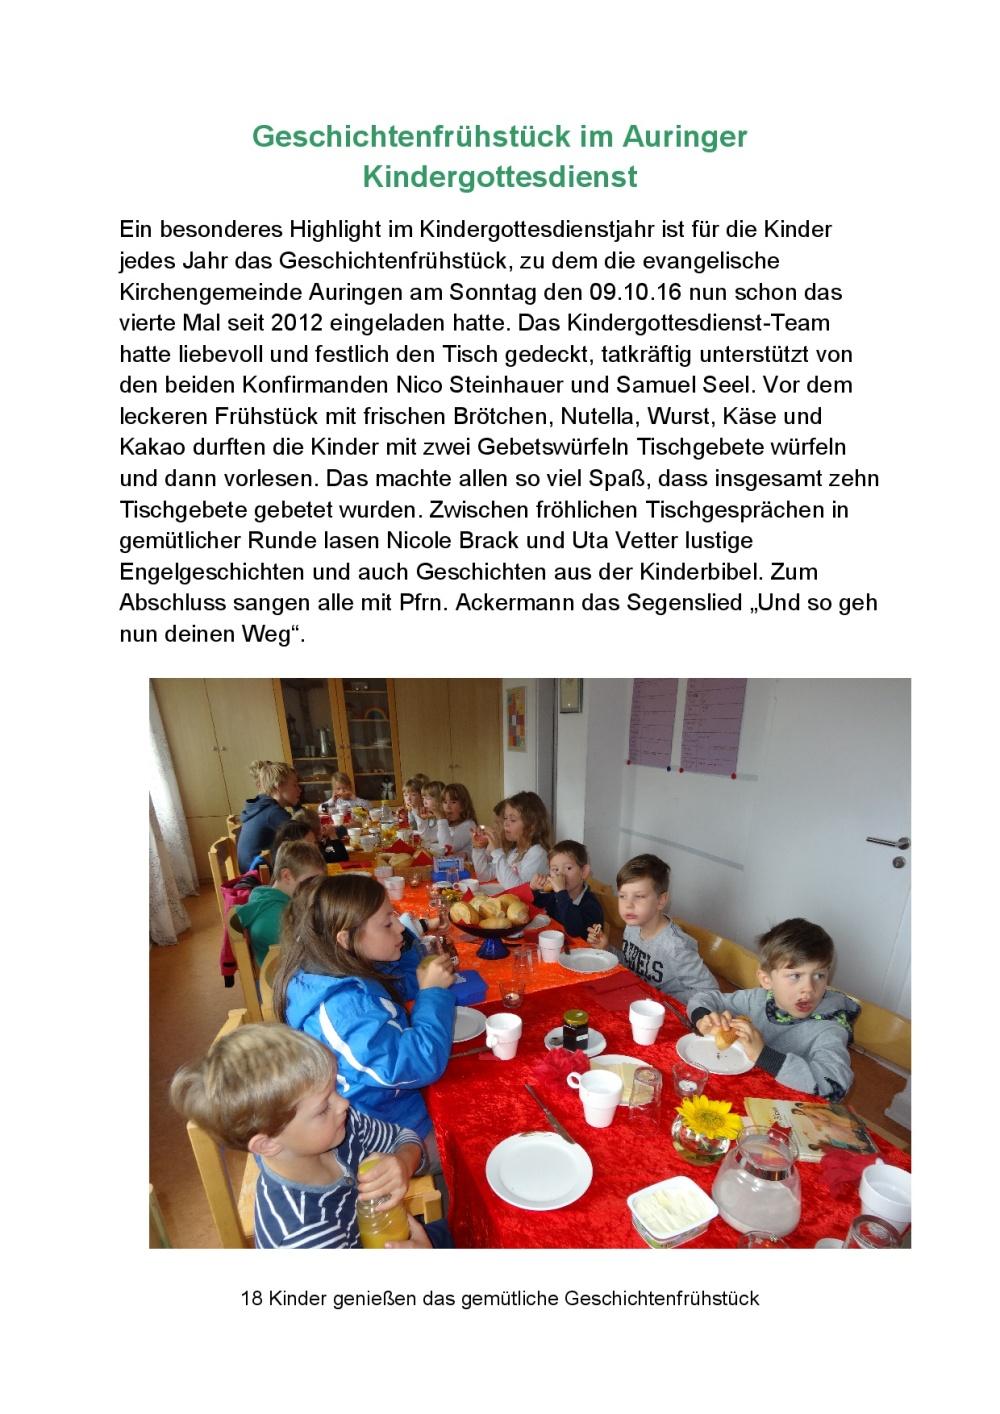 2016-10-09-geschichtenfruhstuck-001